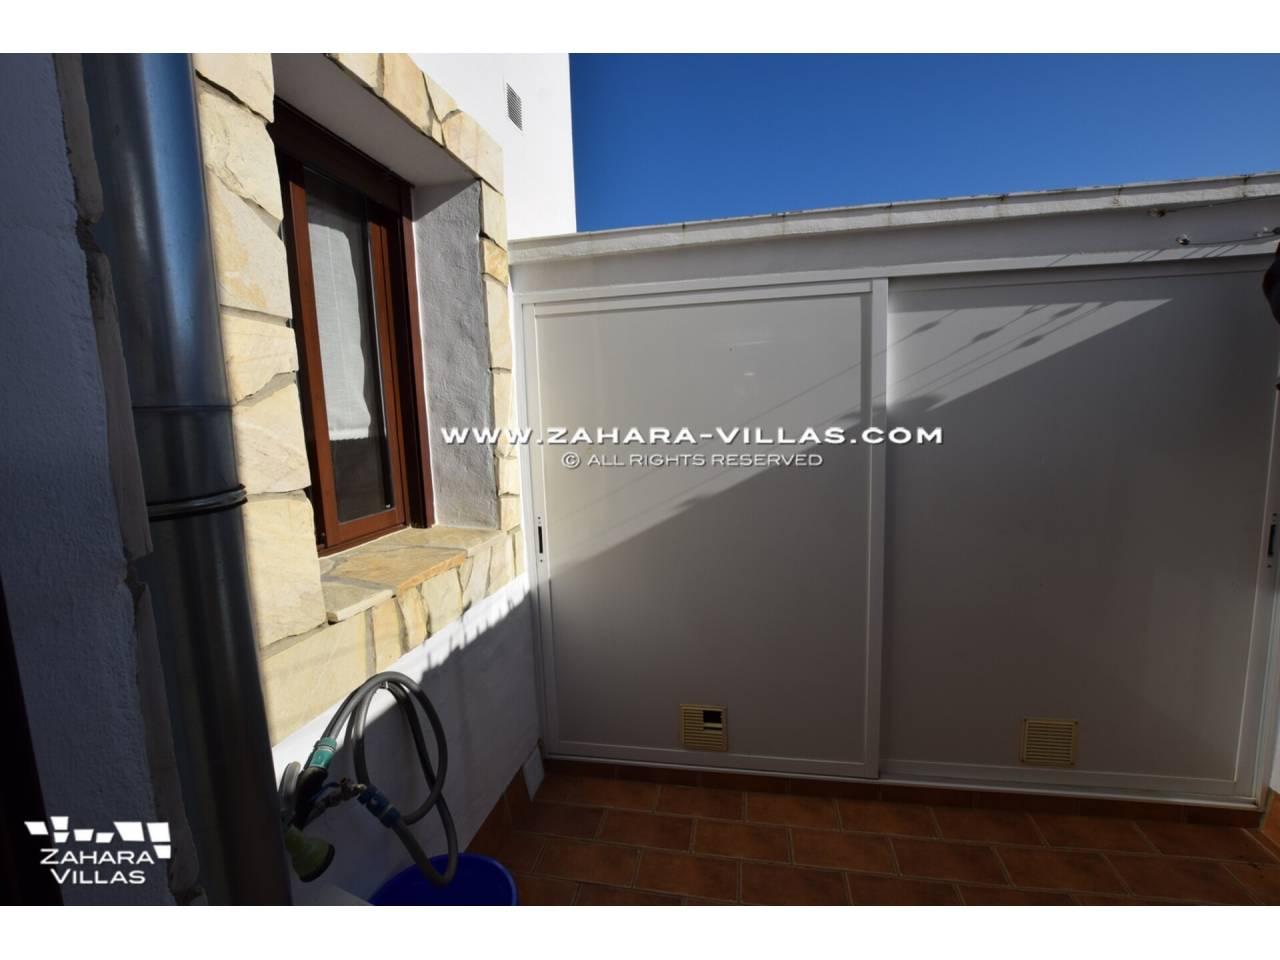 Imagen 37 de Haus zum verkauf in Zahara de los Atunes